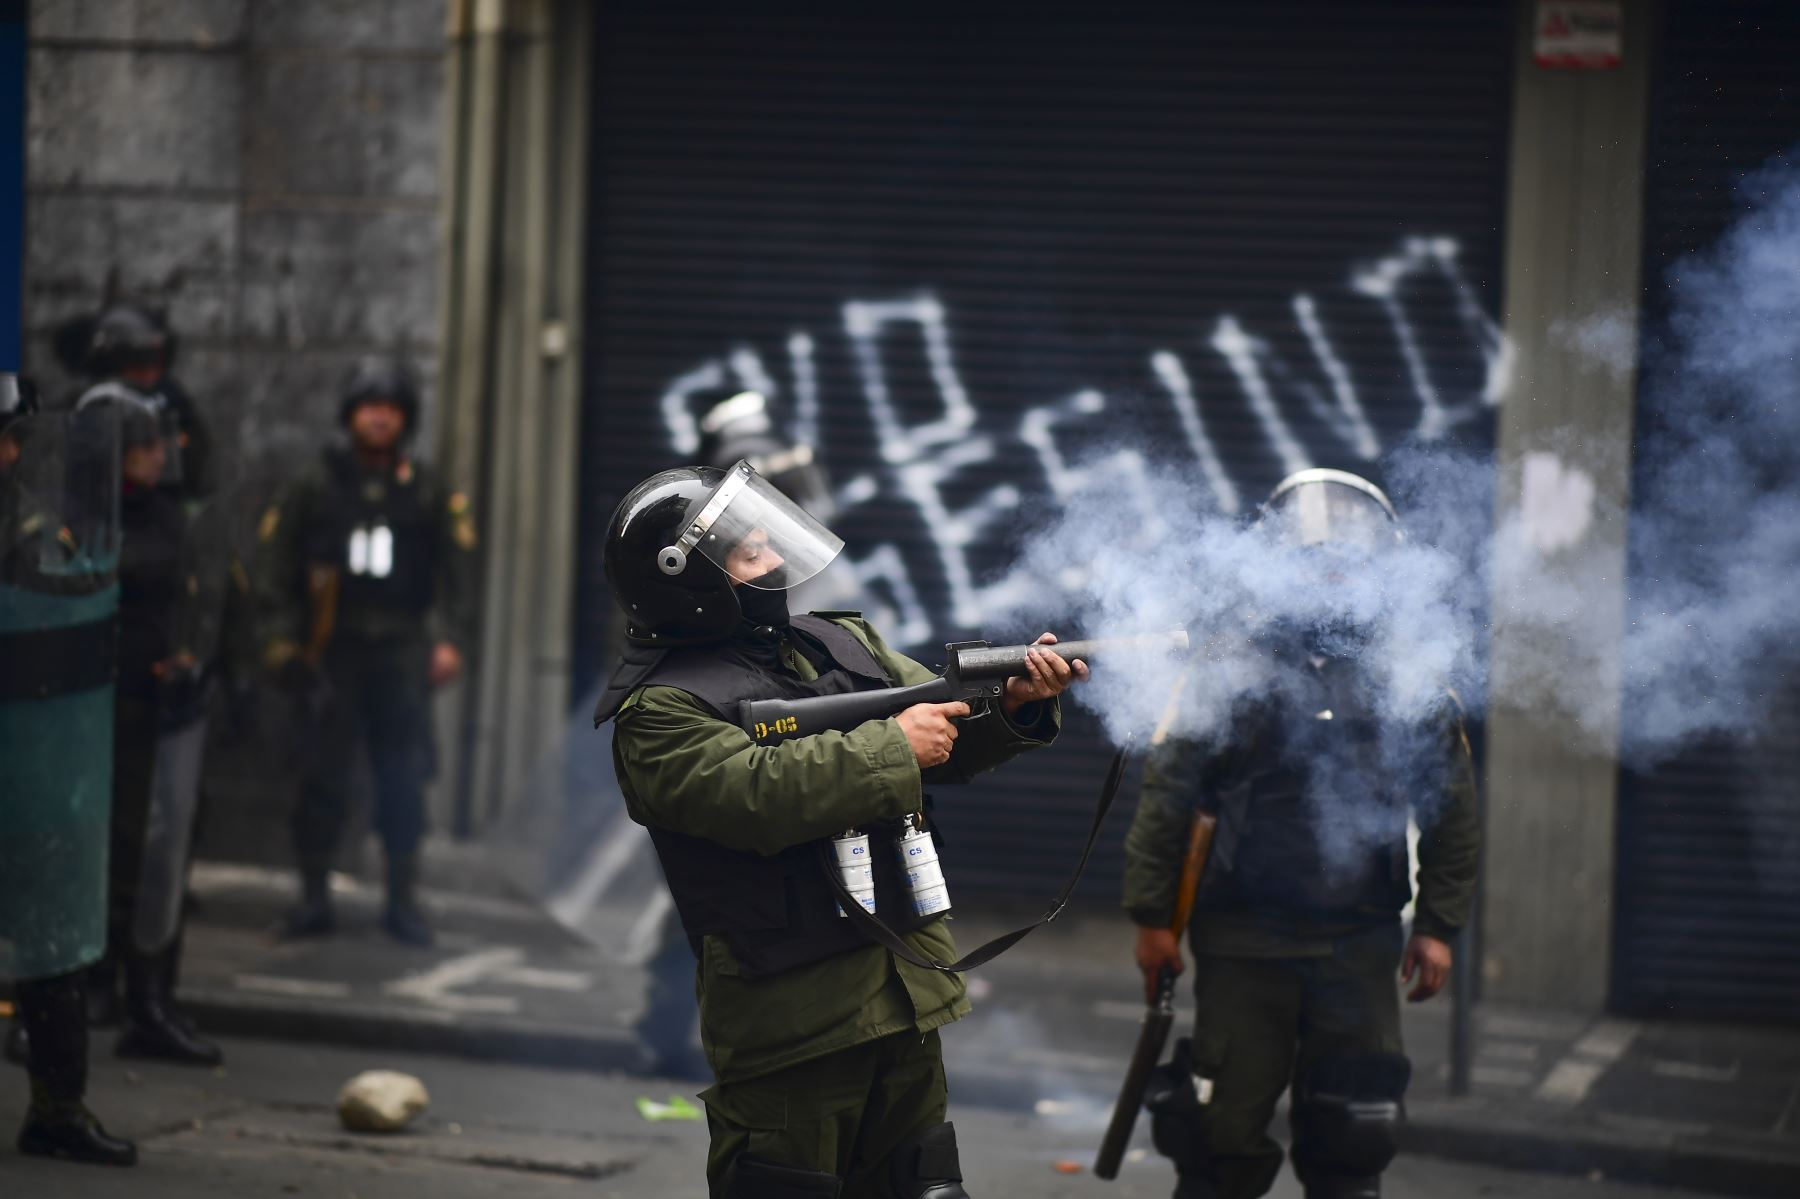 La policía antidisturbios disparó gases lacrimógenos para dispersar a los partidarios del ex presidente boliviano Evo Morales y los descontentos con la situación política durante una protesta en La Paz. Foto: AFP